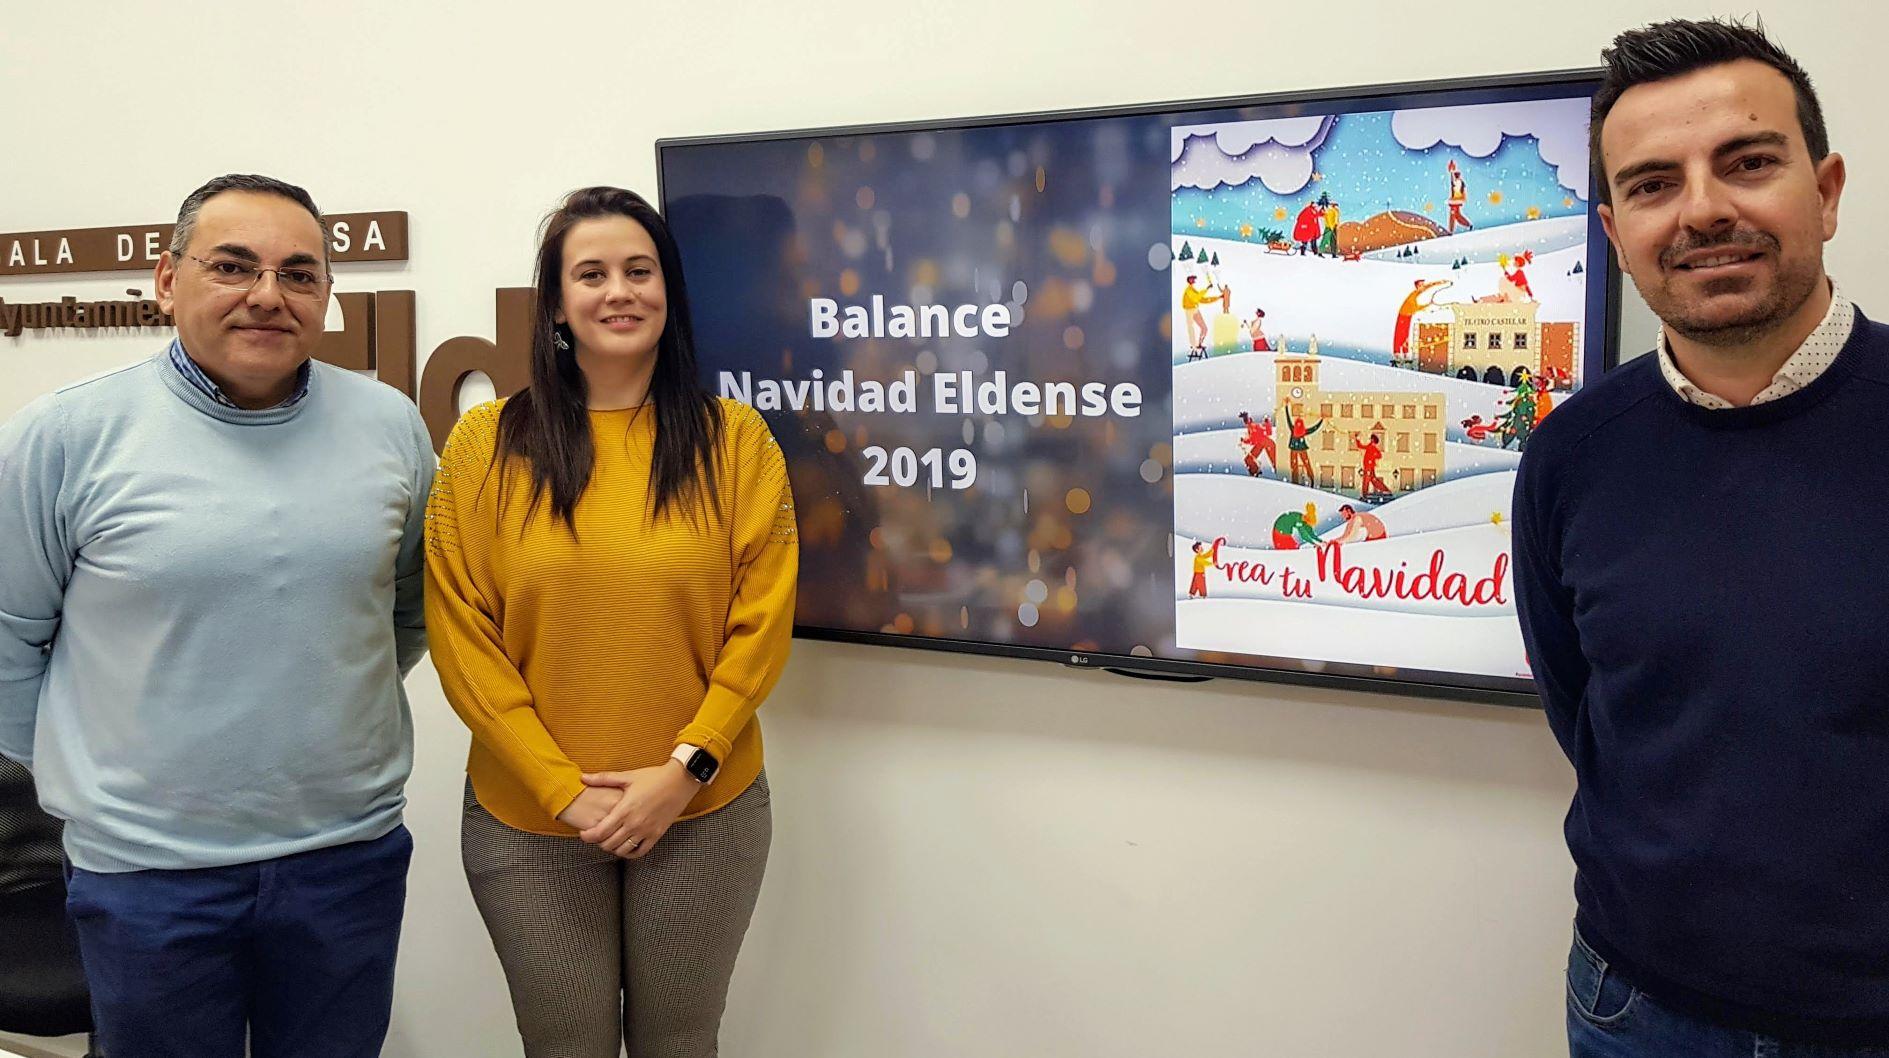 El Ayuntamiento de Elda realiza un balance positivo de una campaña navideña que ha batido las cifras de años anteriores